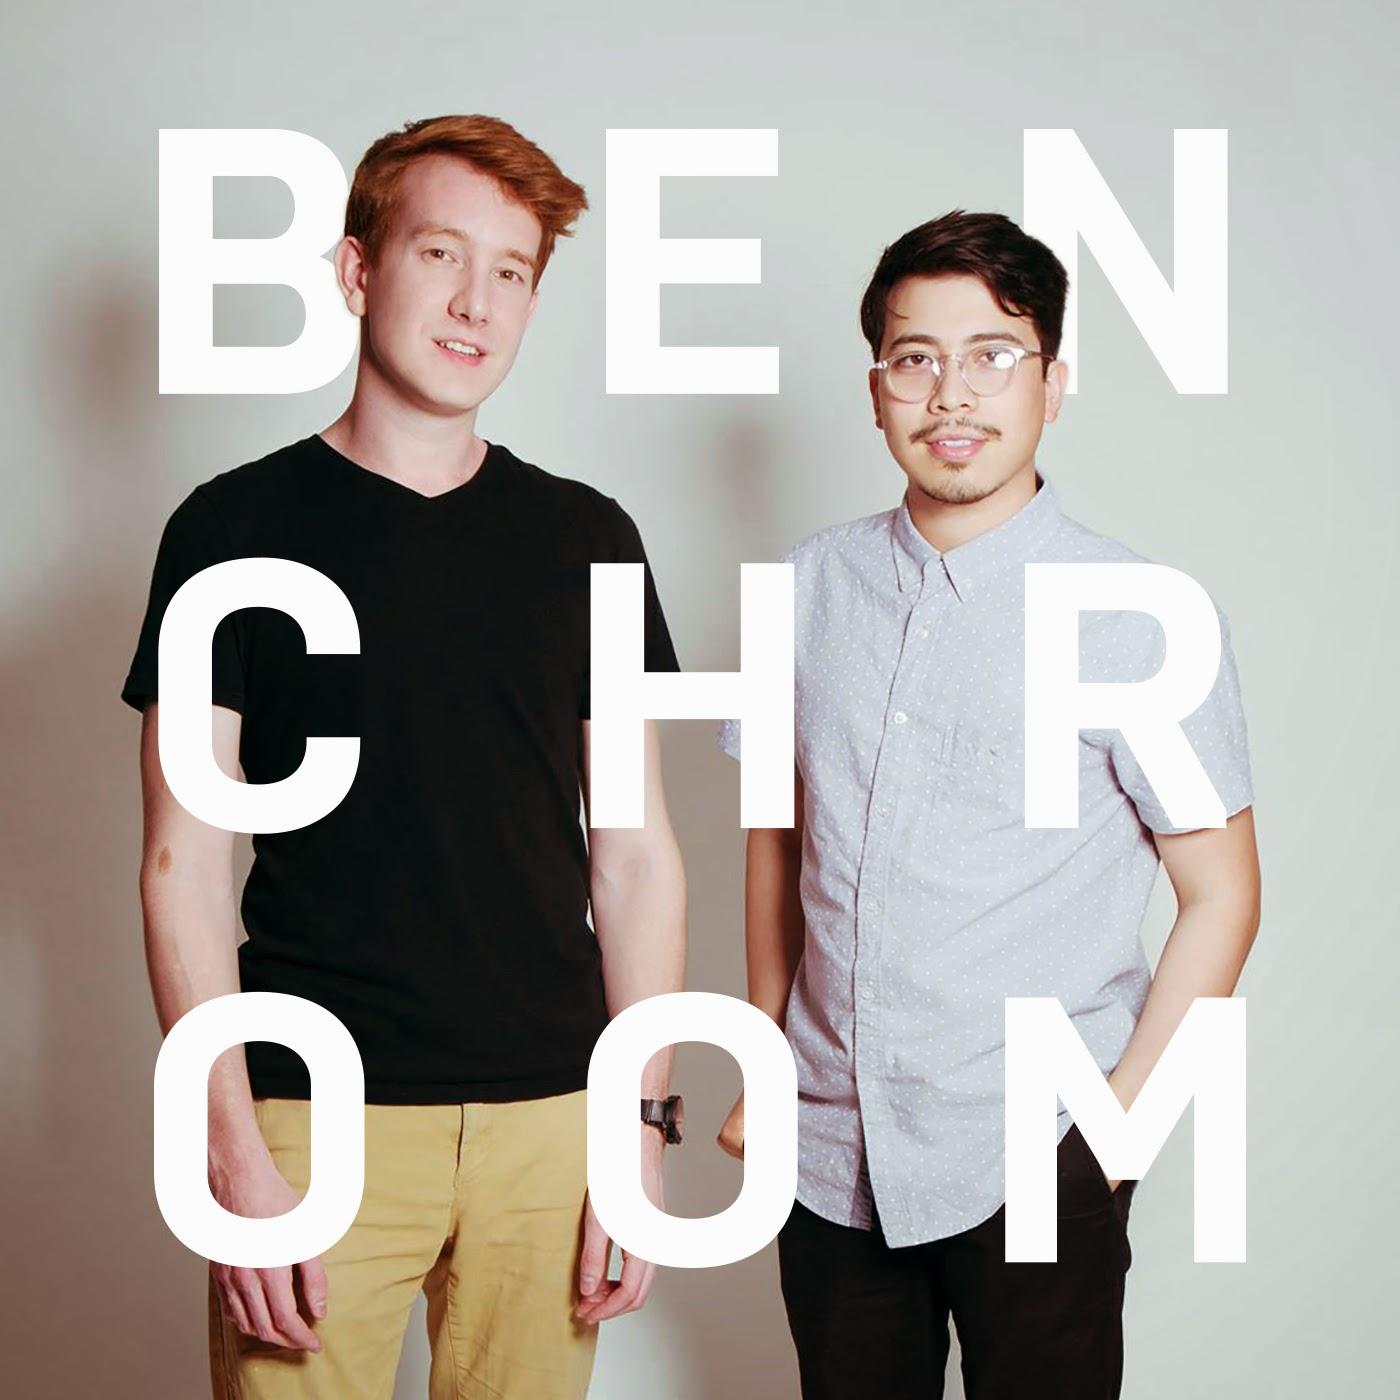 Benchroom